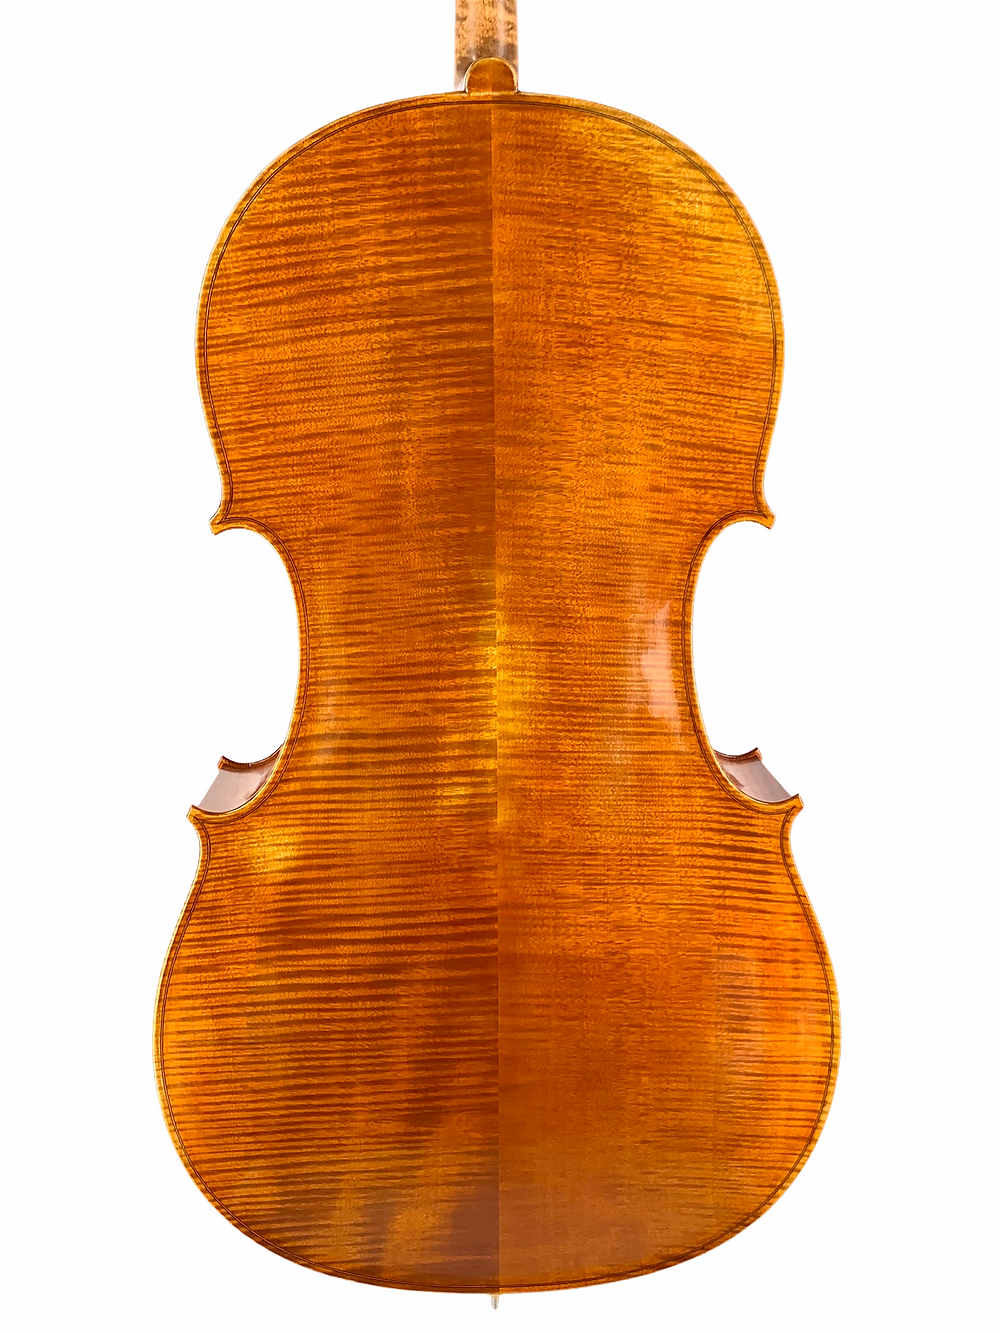 Cello kaufen, Cello mieten, Violoncello, Cello